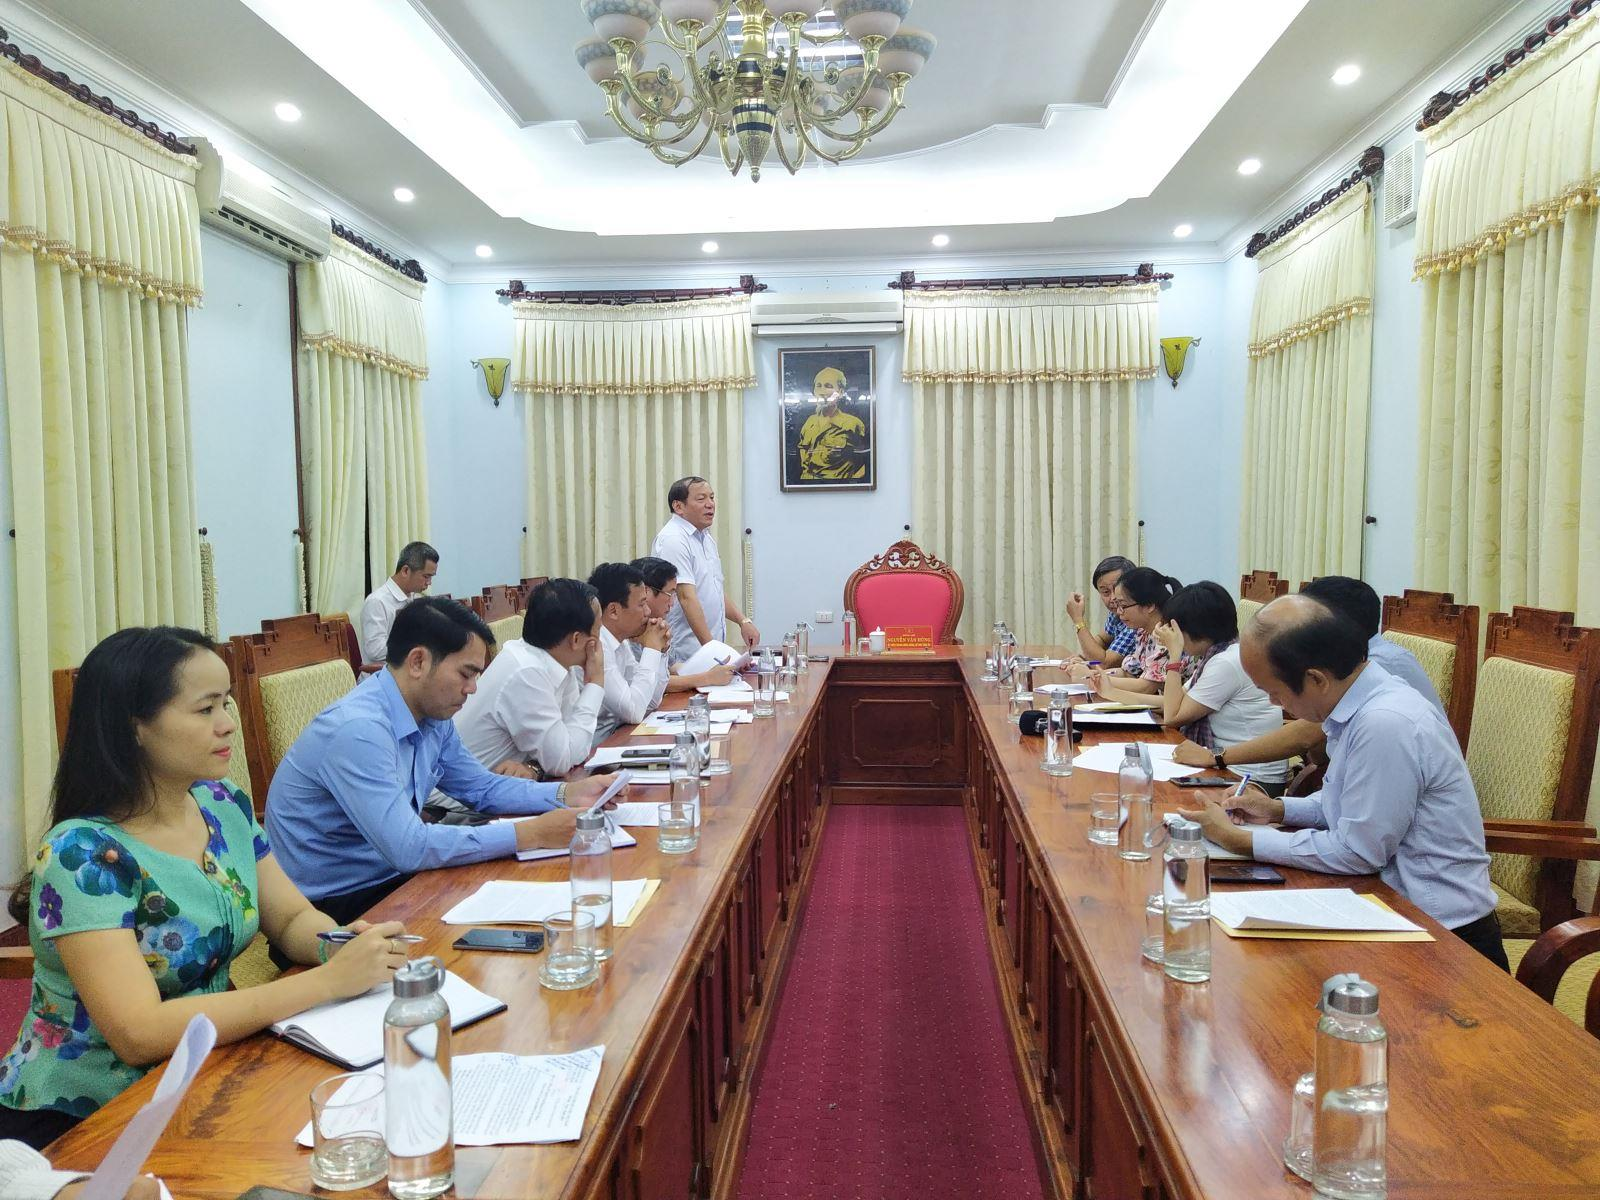 Thường trực Tỉnh ủy làm việc với Cơ quan thường trú miền Trung - Đài Tiếng nói Việt Nam